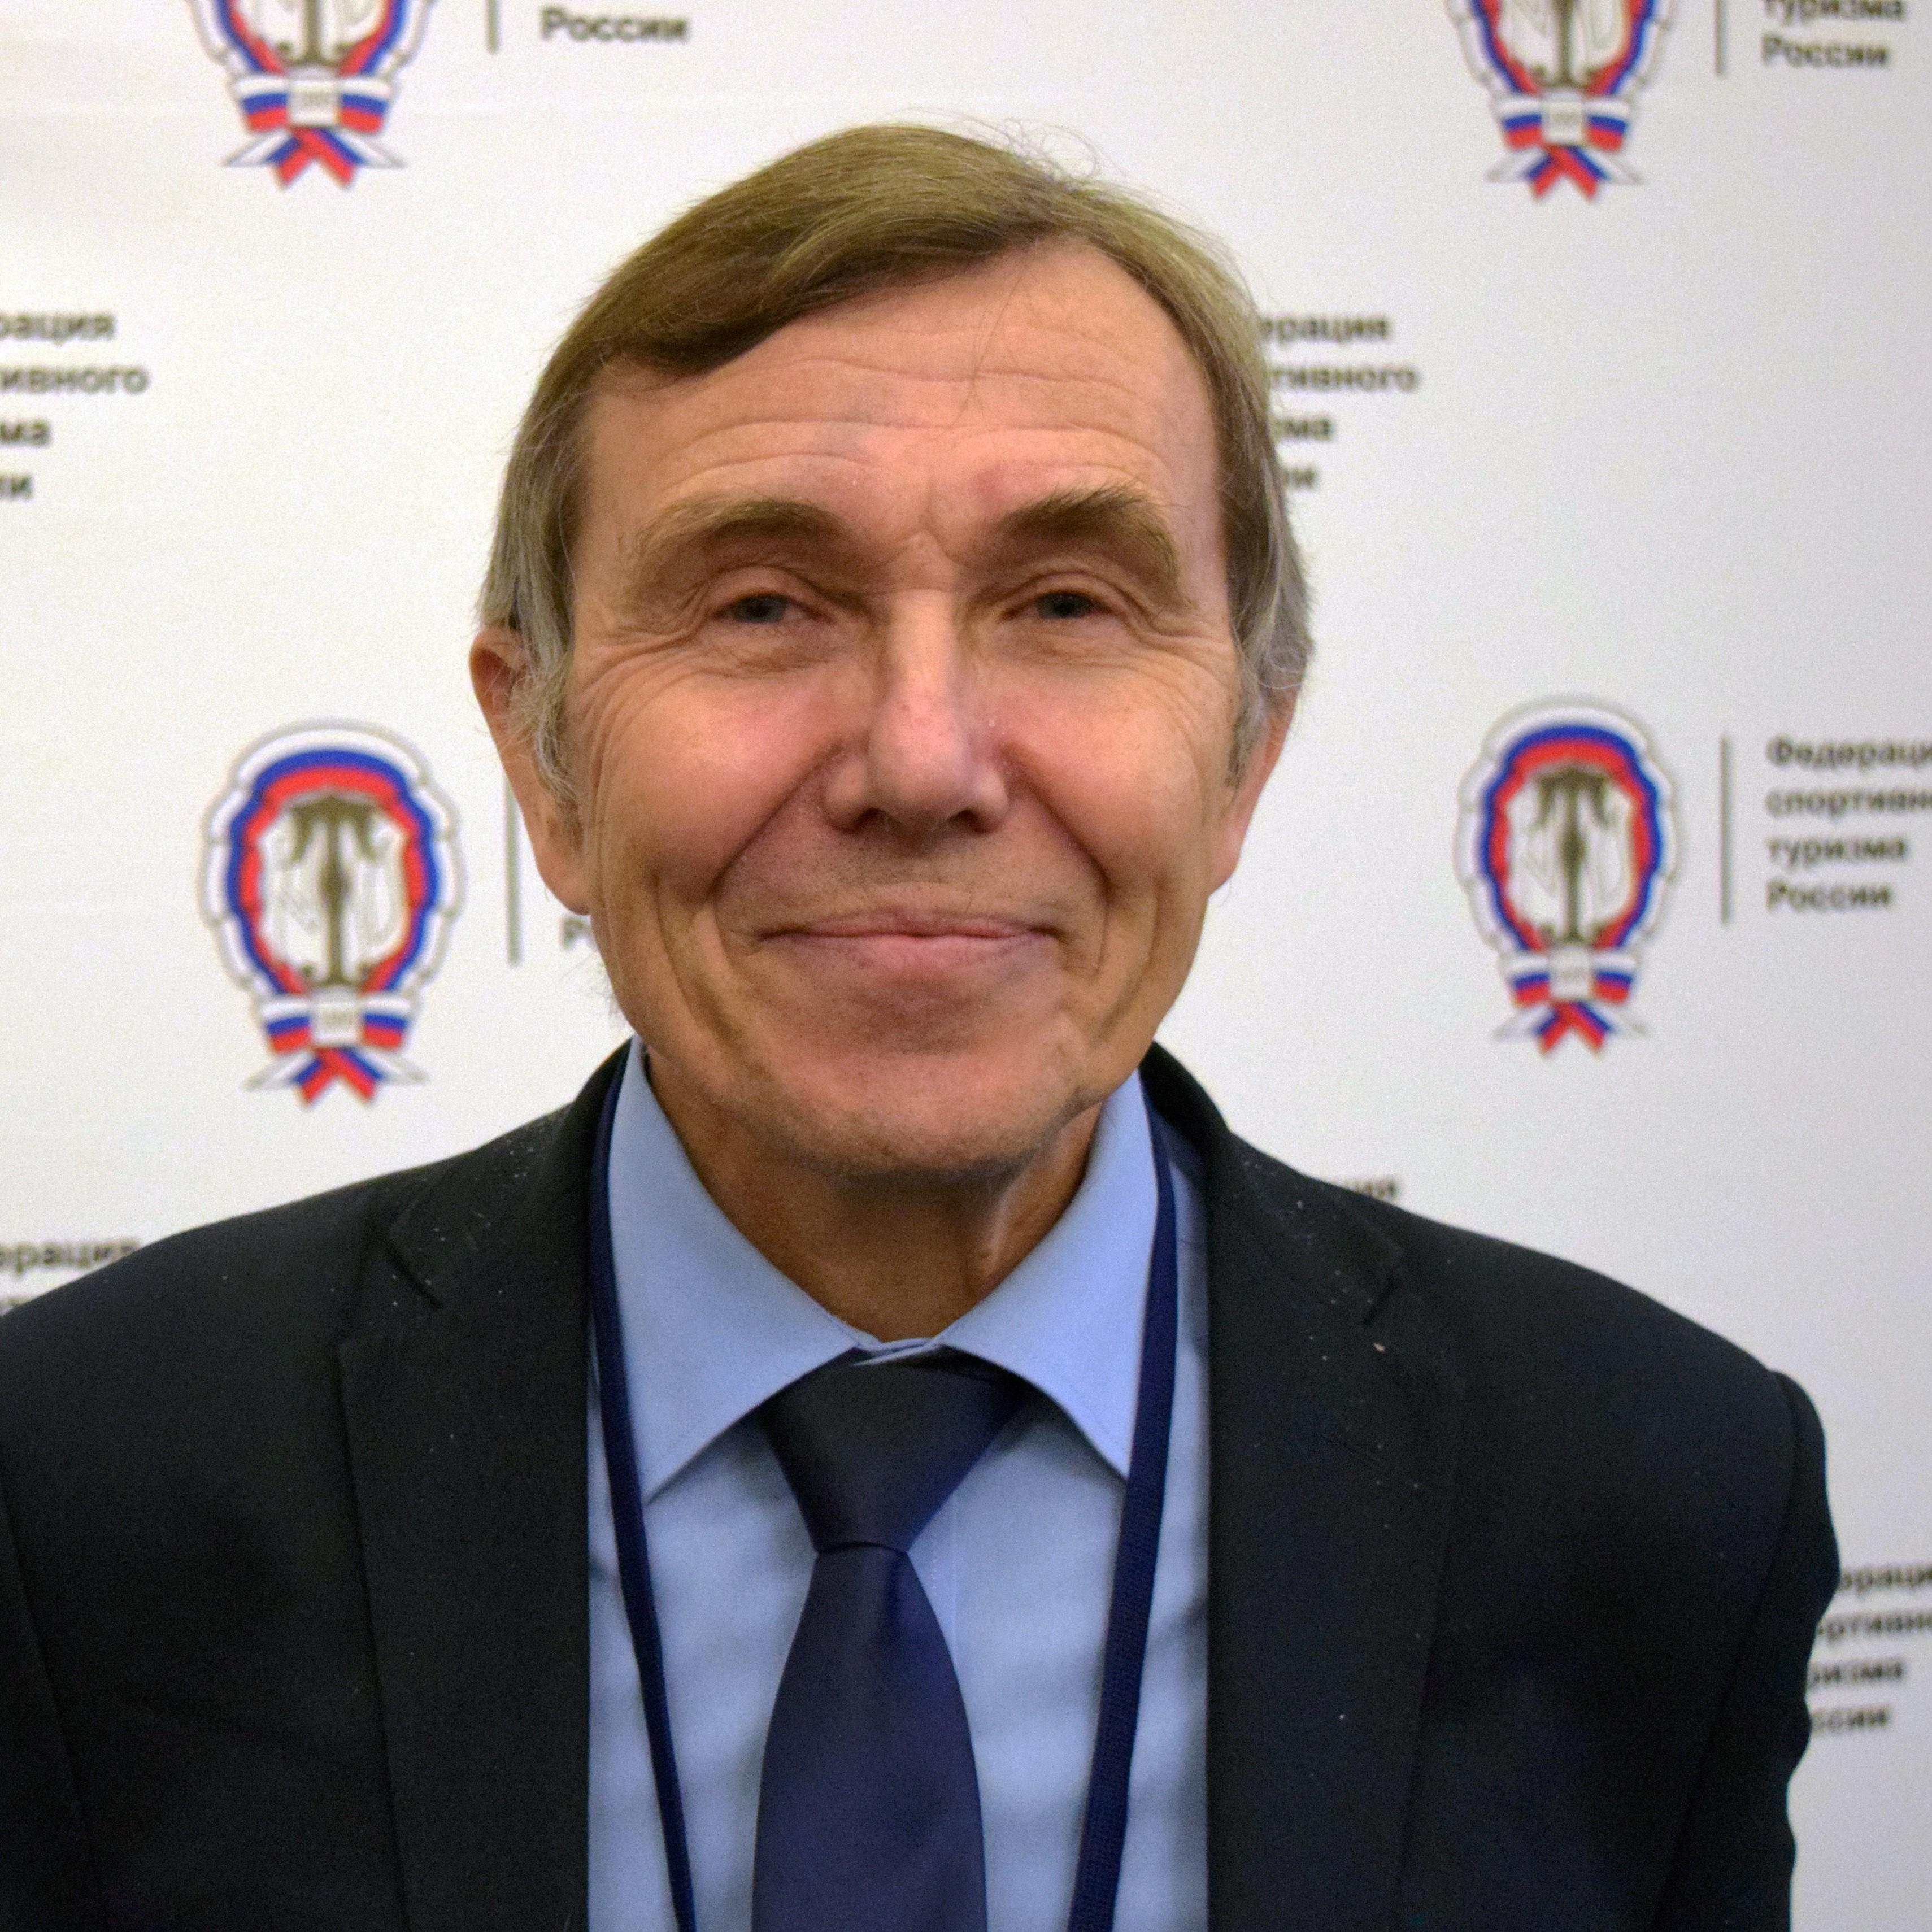 Сергей Панов, вице-президент ФСТР